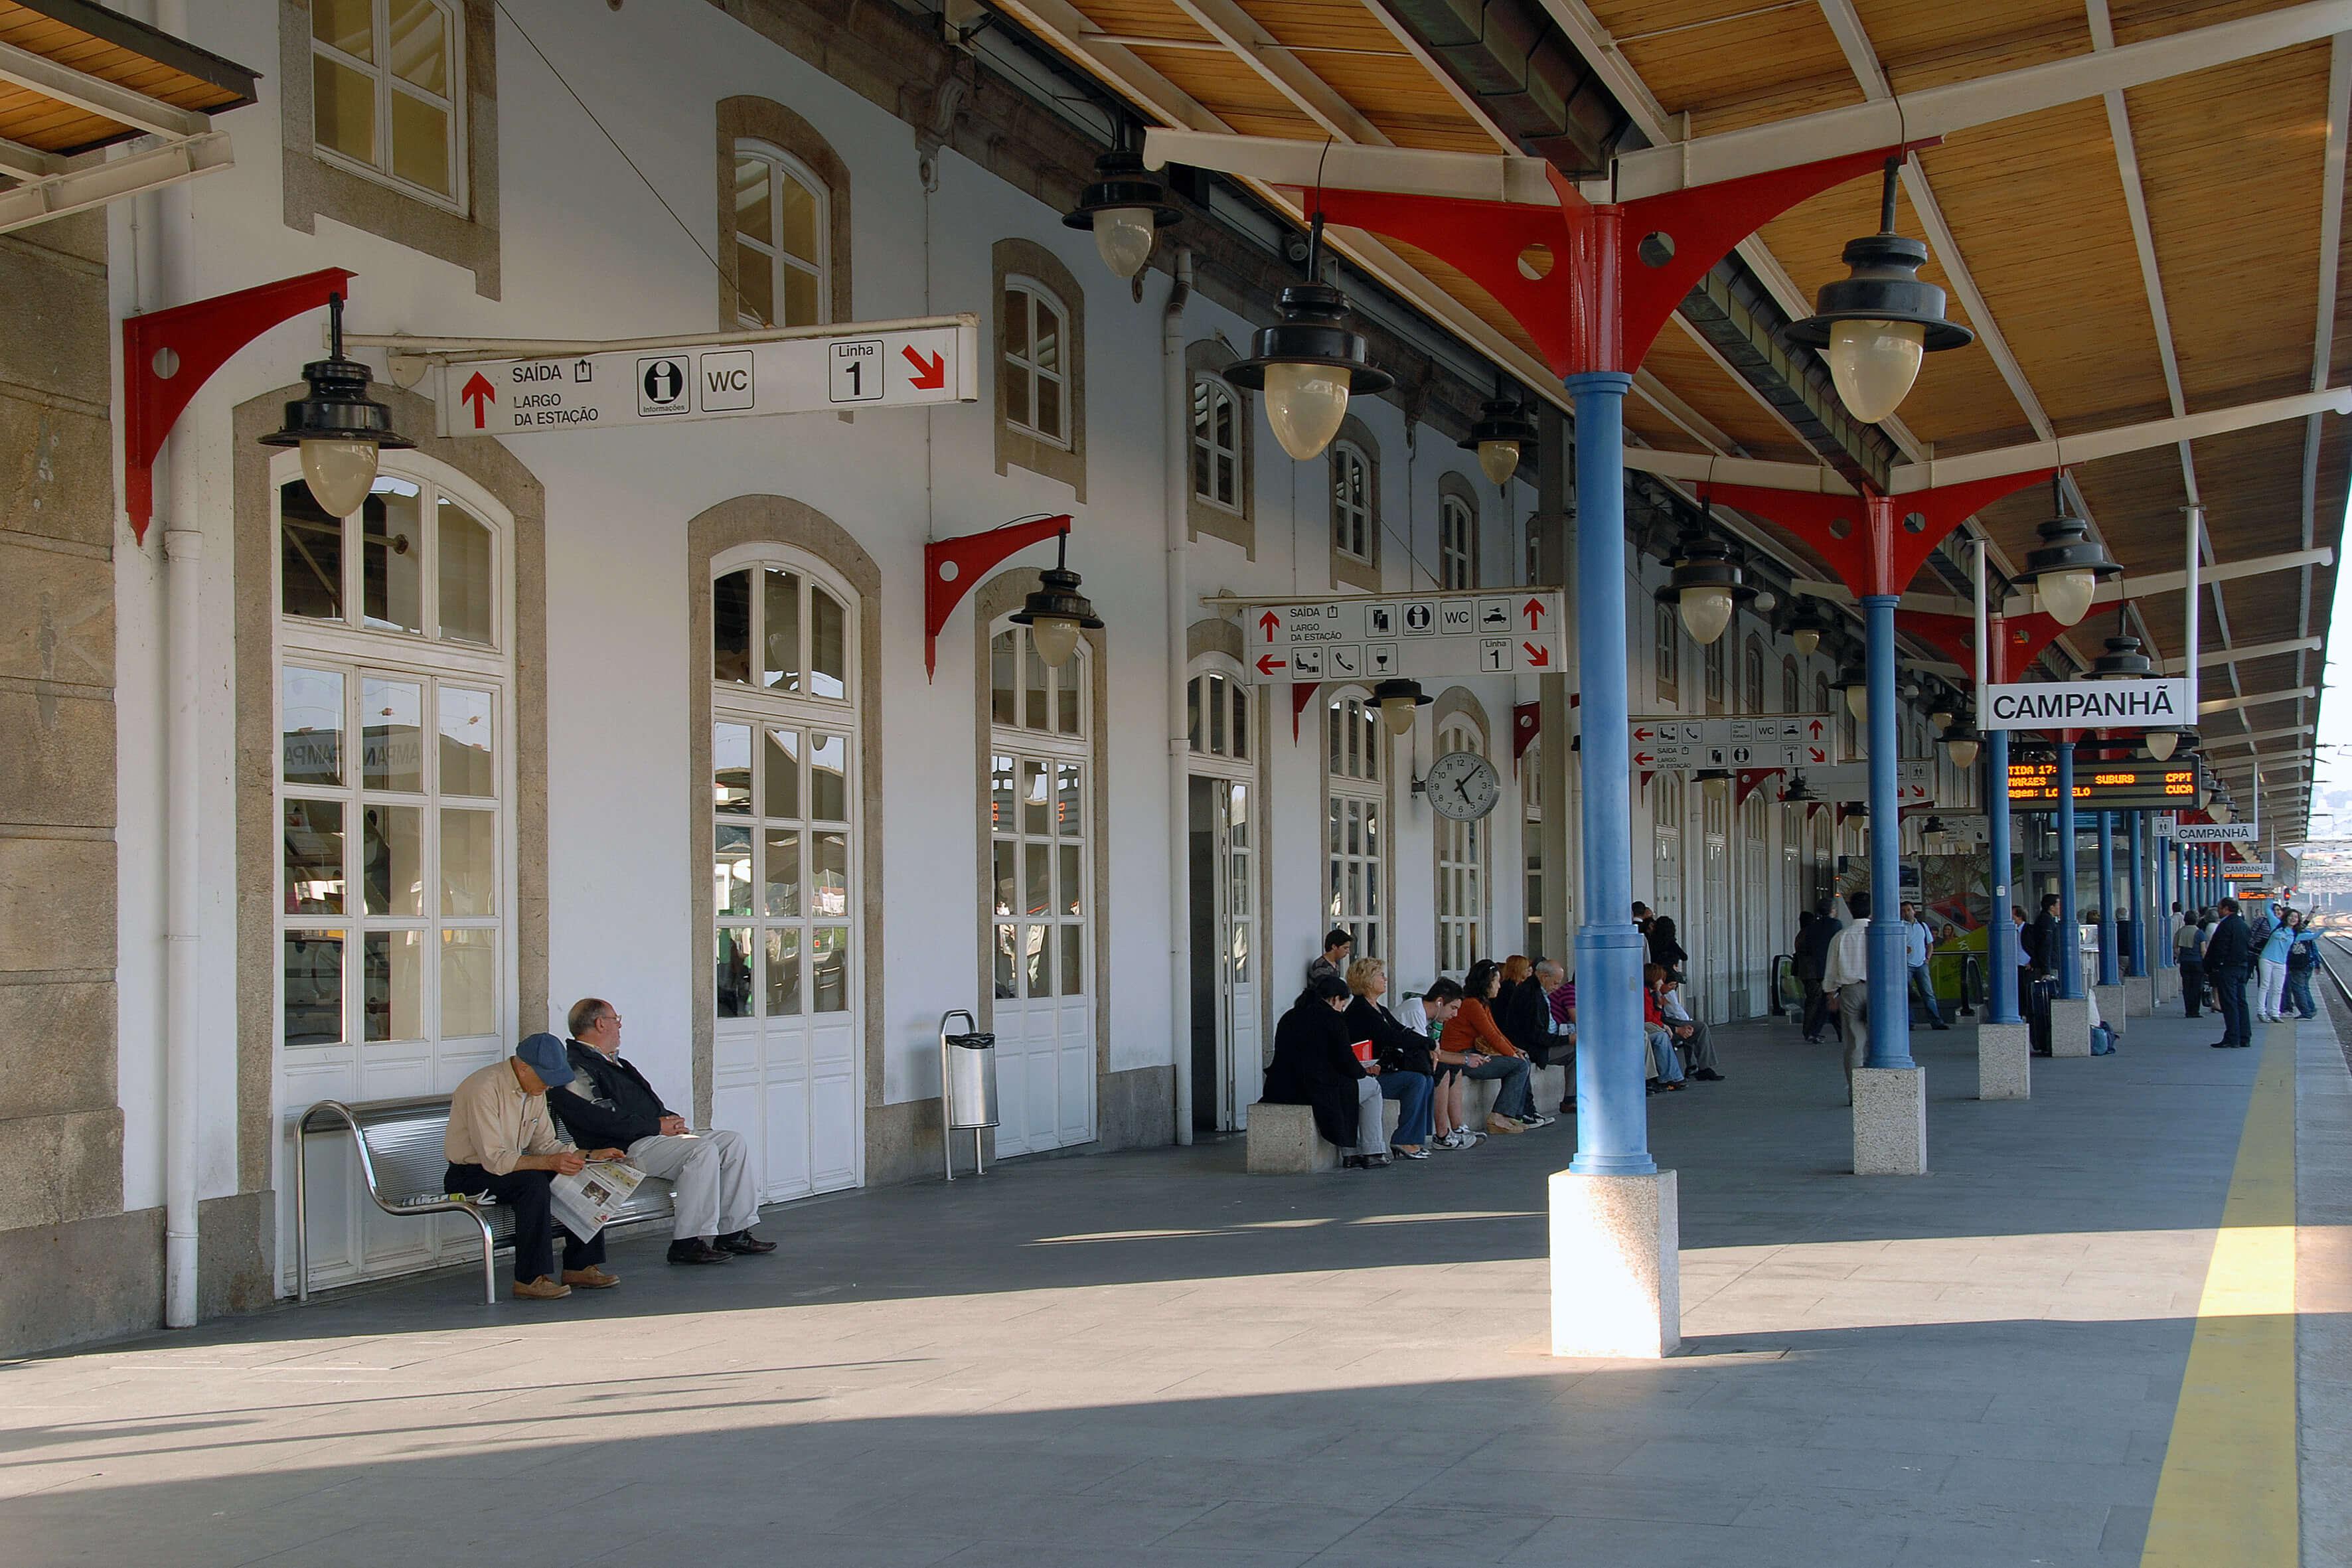 Фото: Campanha Railway station